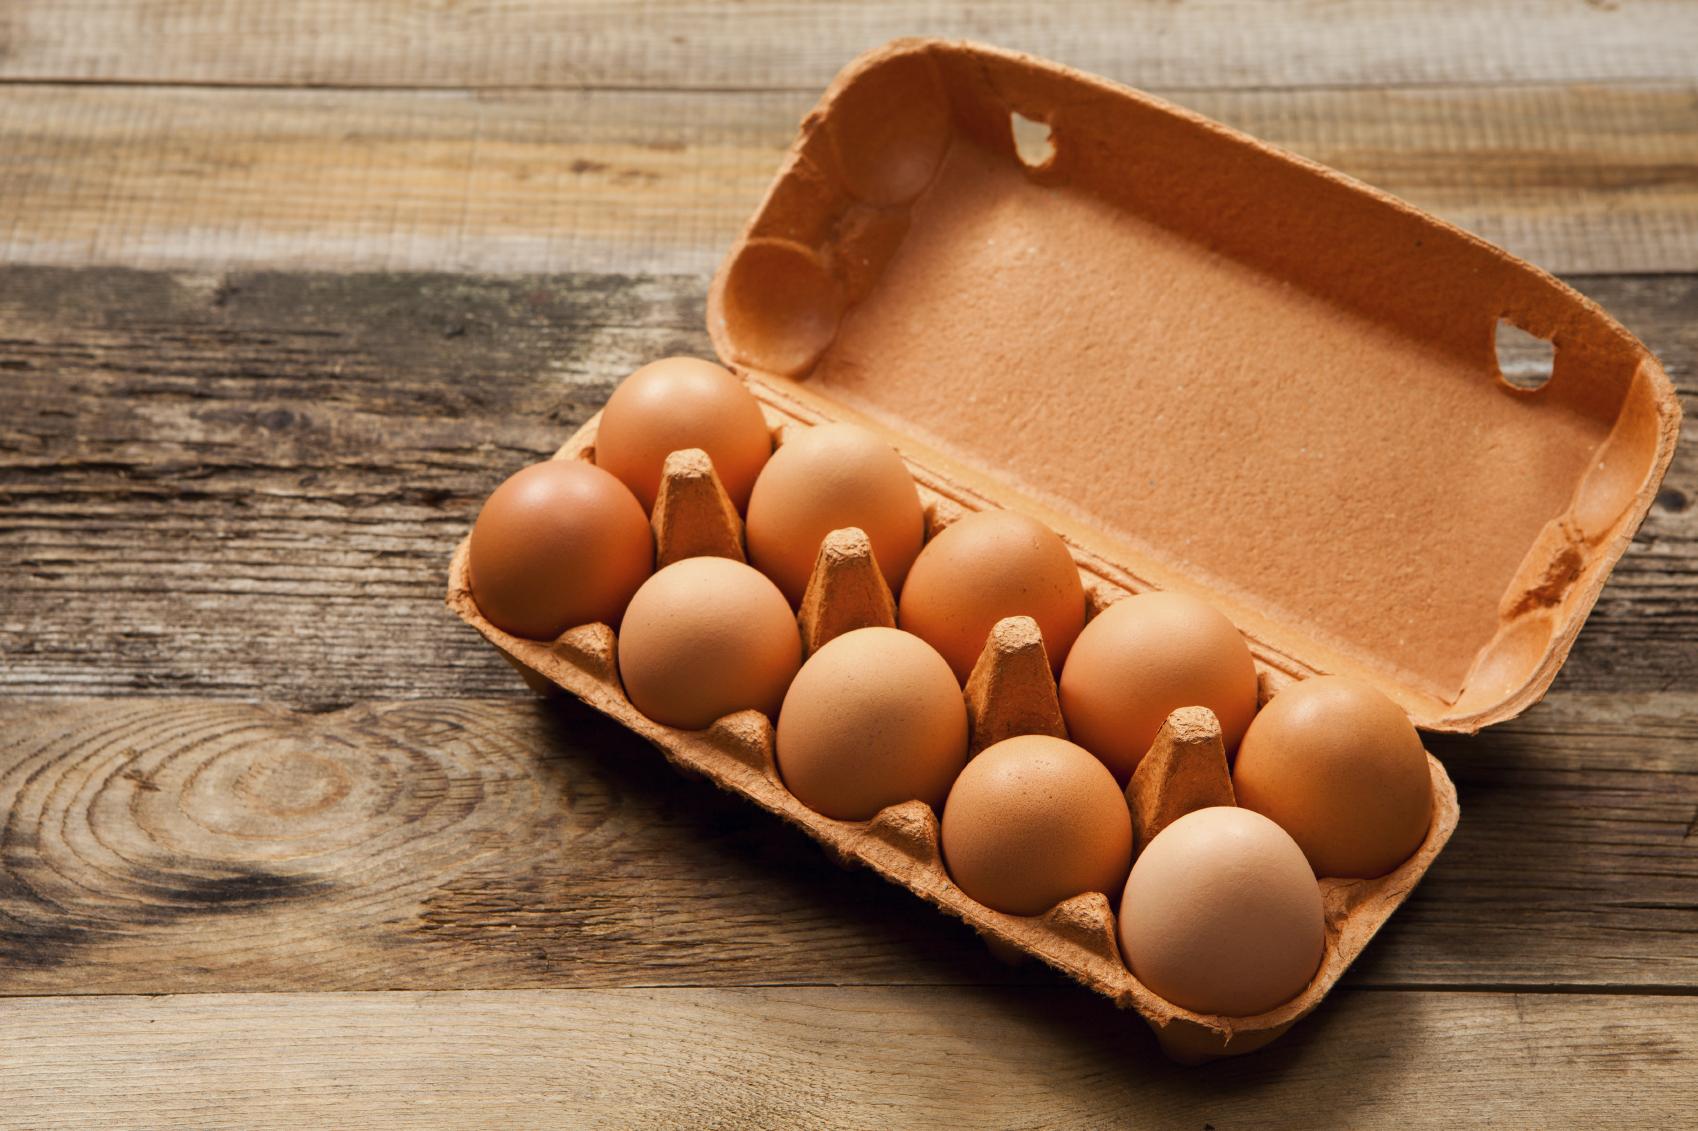 Huevos de $250 y $300 podrían desaparecer por paro de transportadores